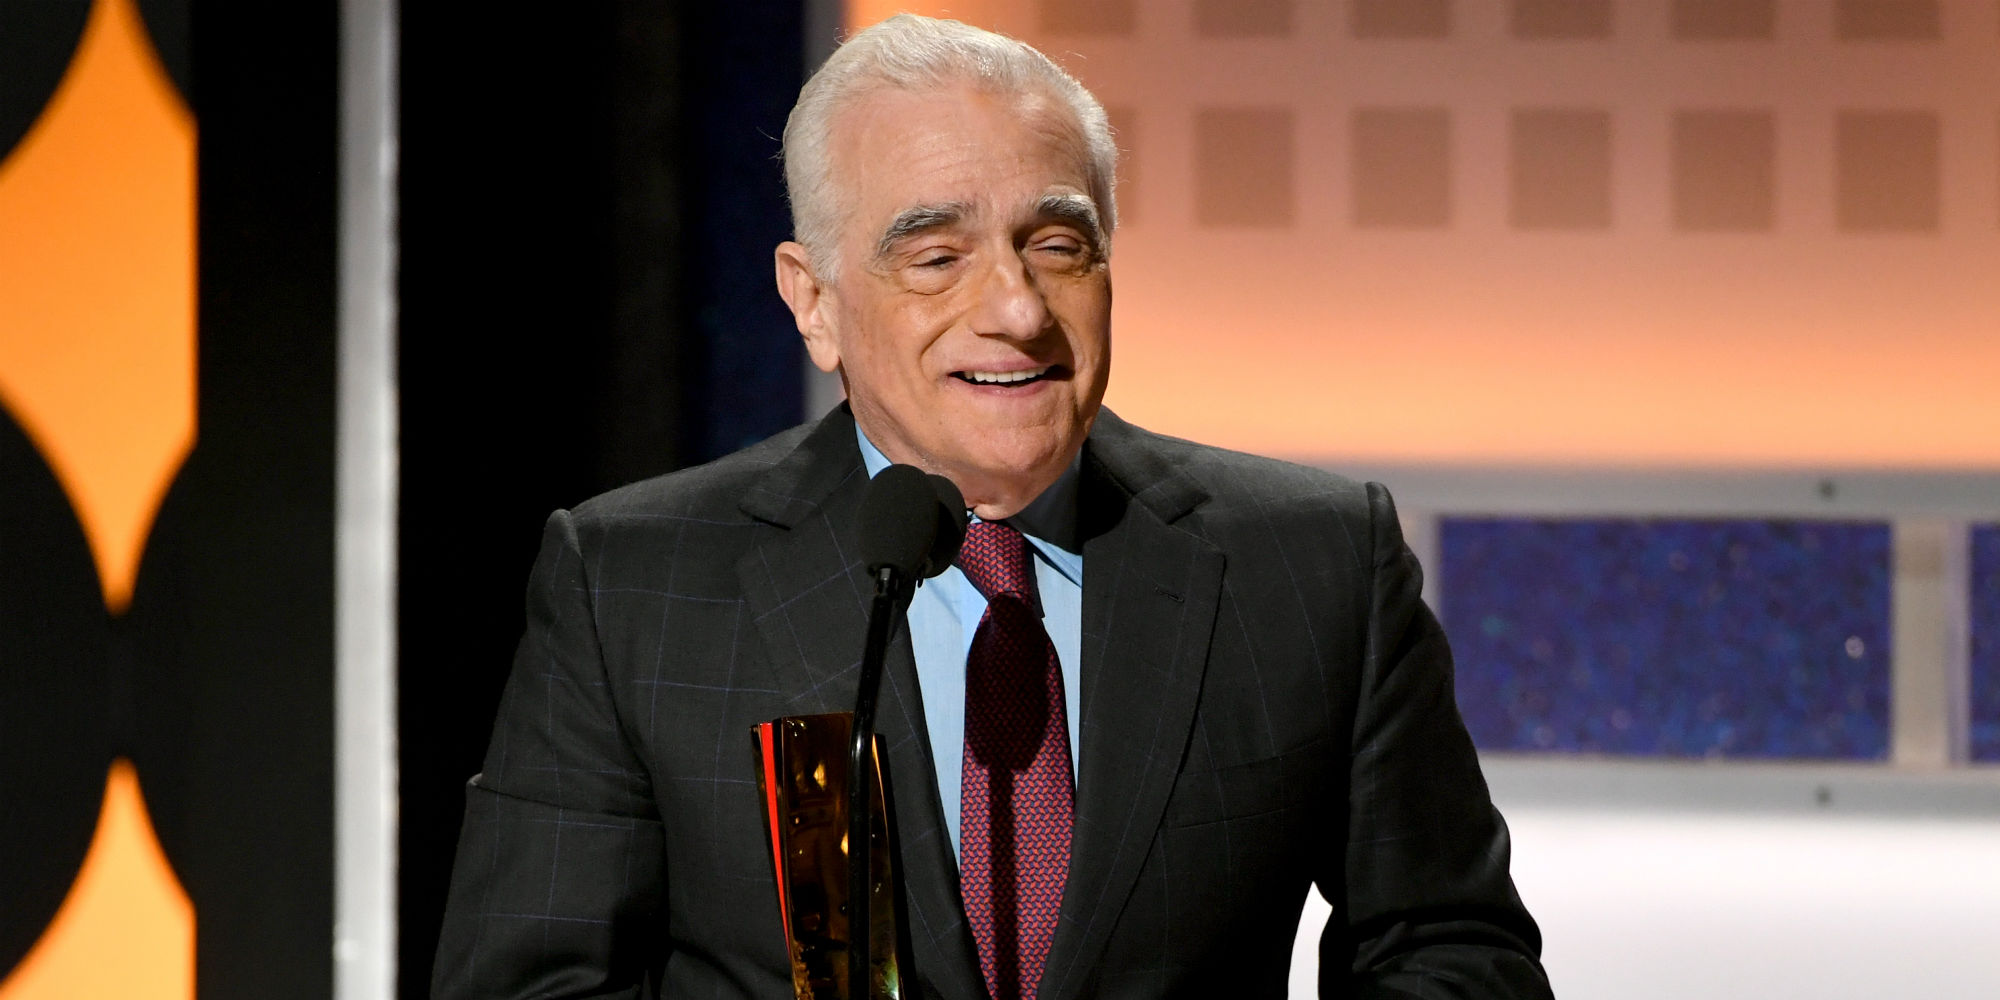 Le trio Scorsese, DiCaprio et De Niro sera bientôt réuni... et il est attendu !